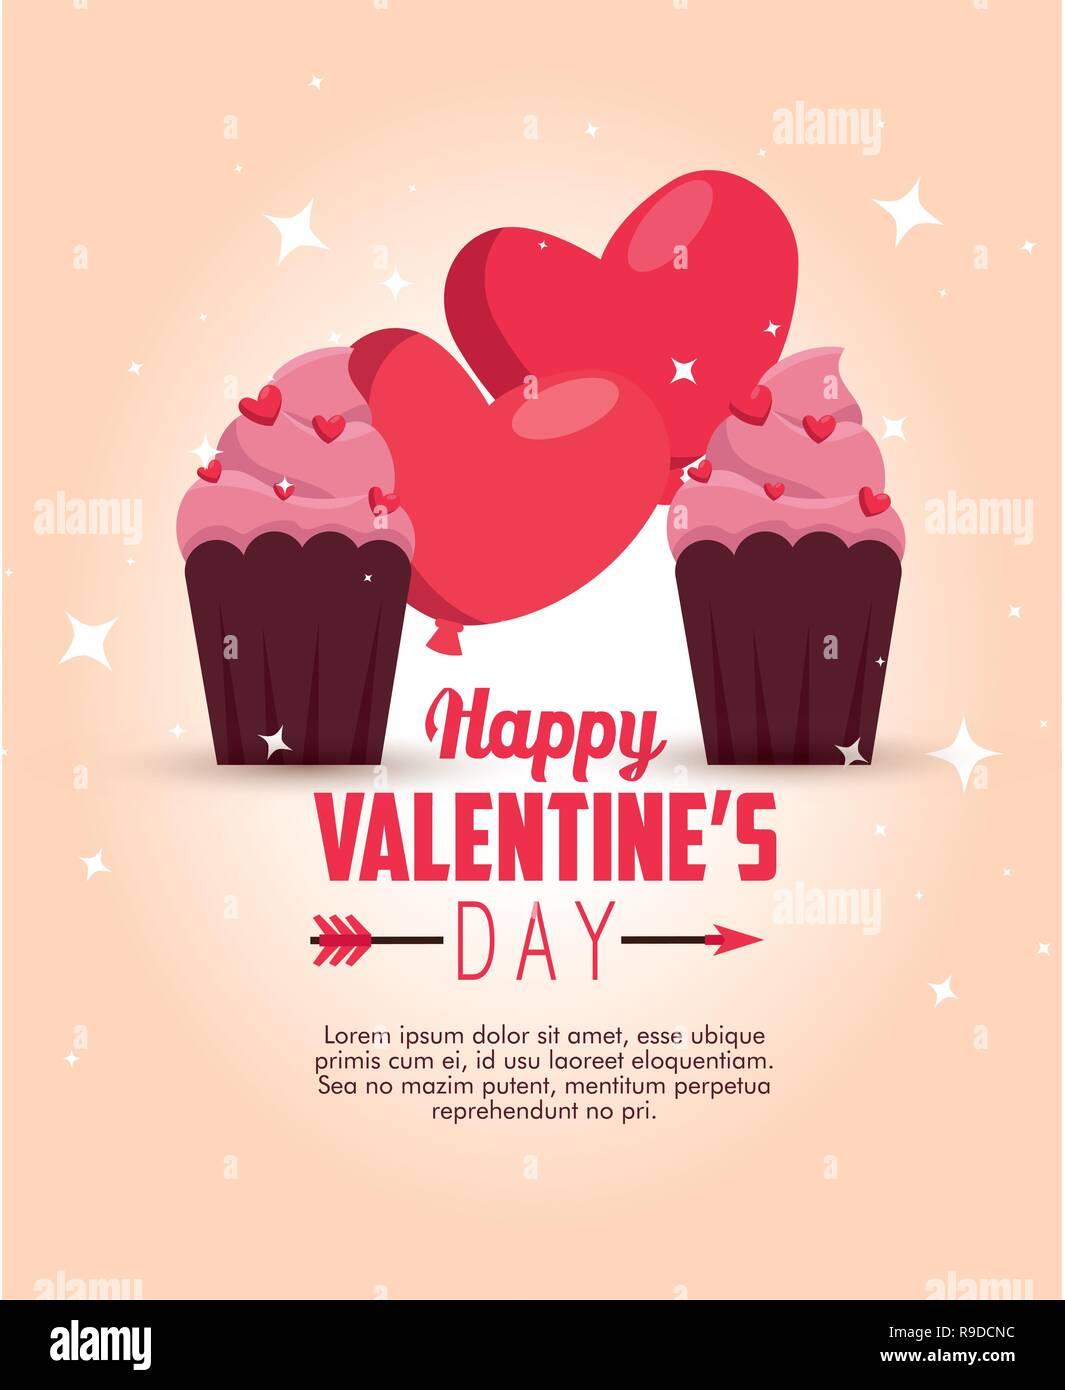 Herzen Luftballons Mit Muffins Valentinstag Zu Feiern Vektor